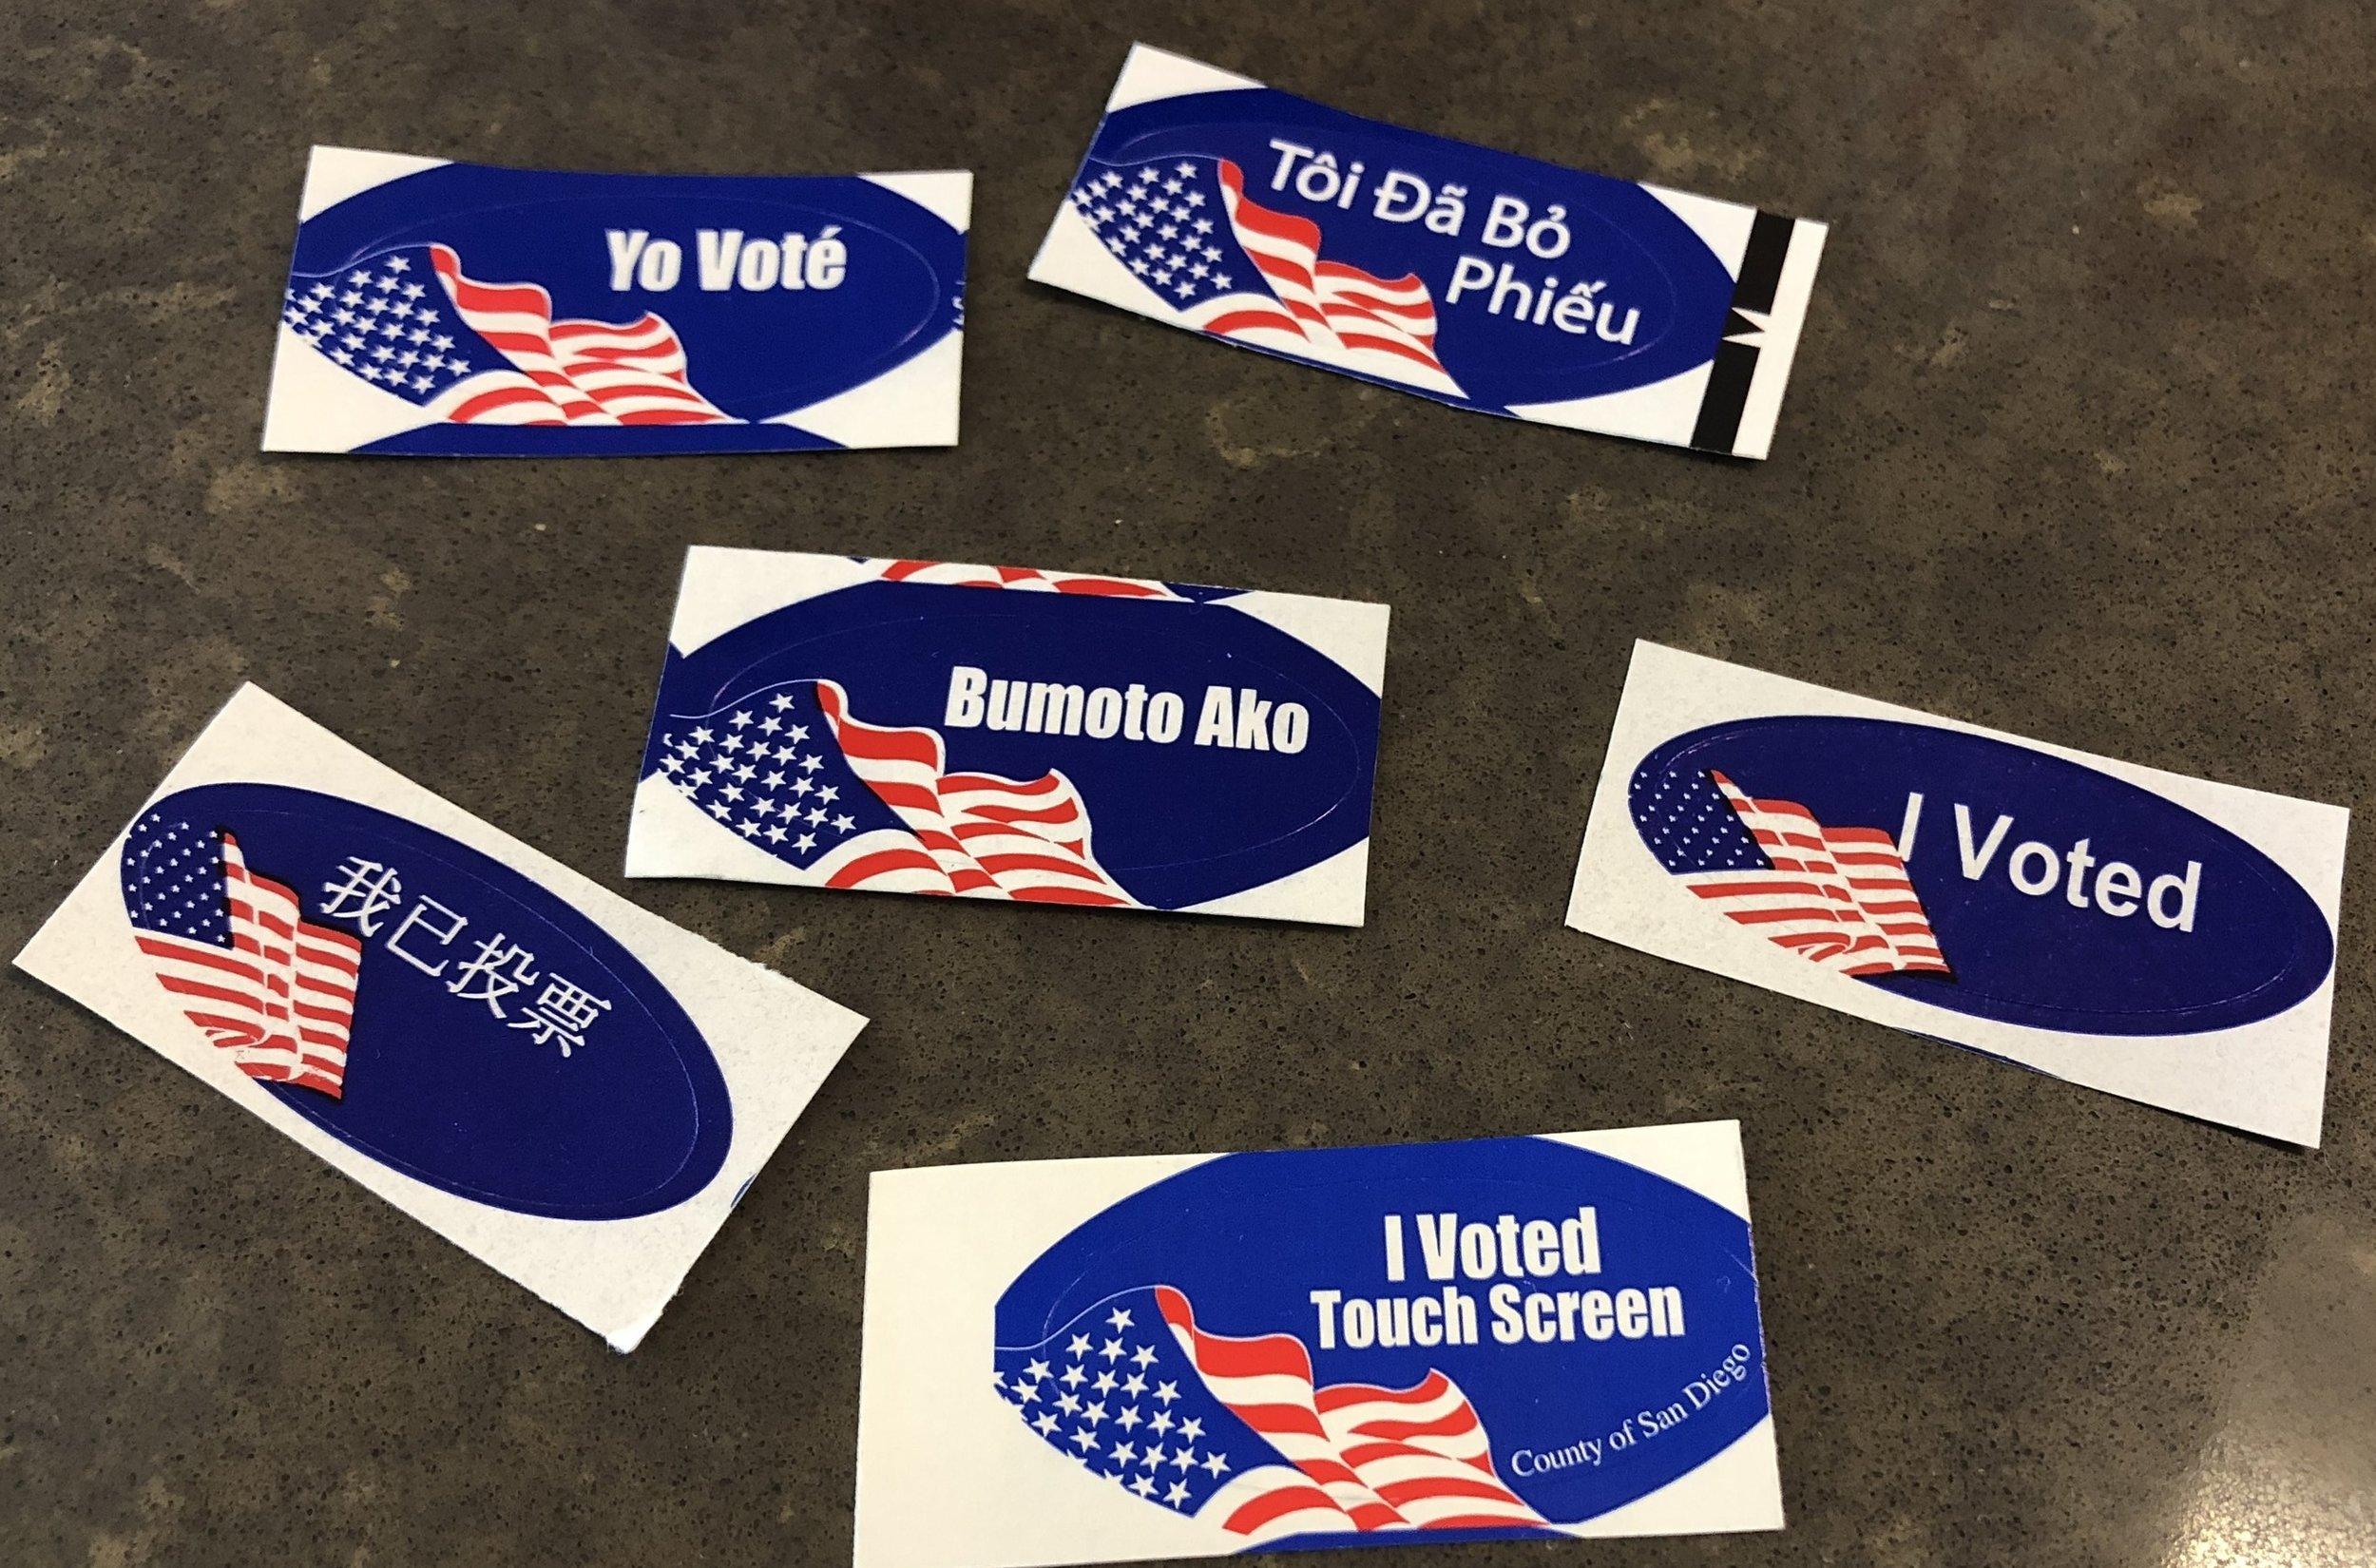 Yo vote!